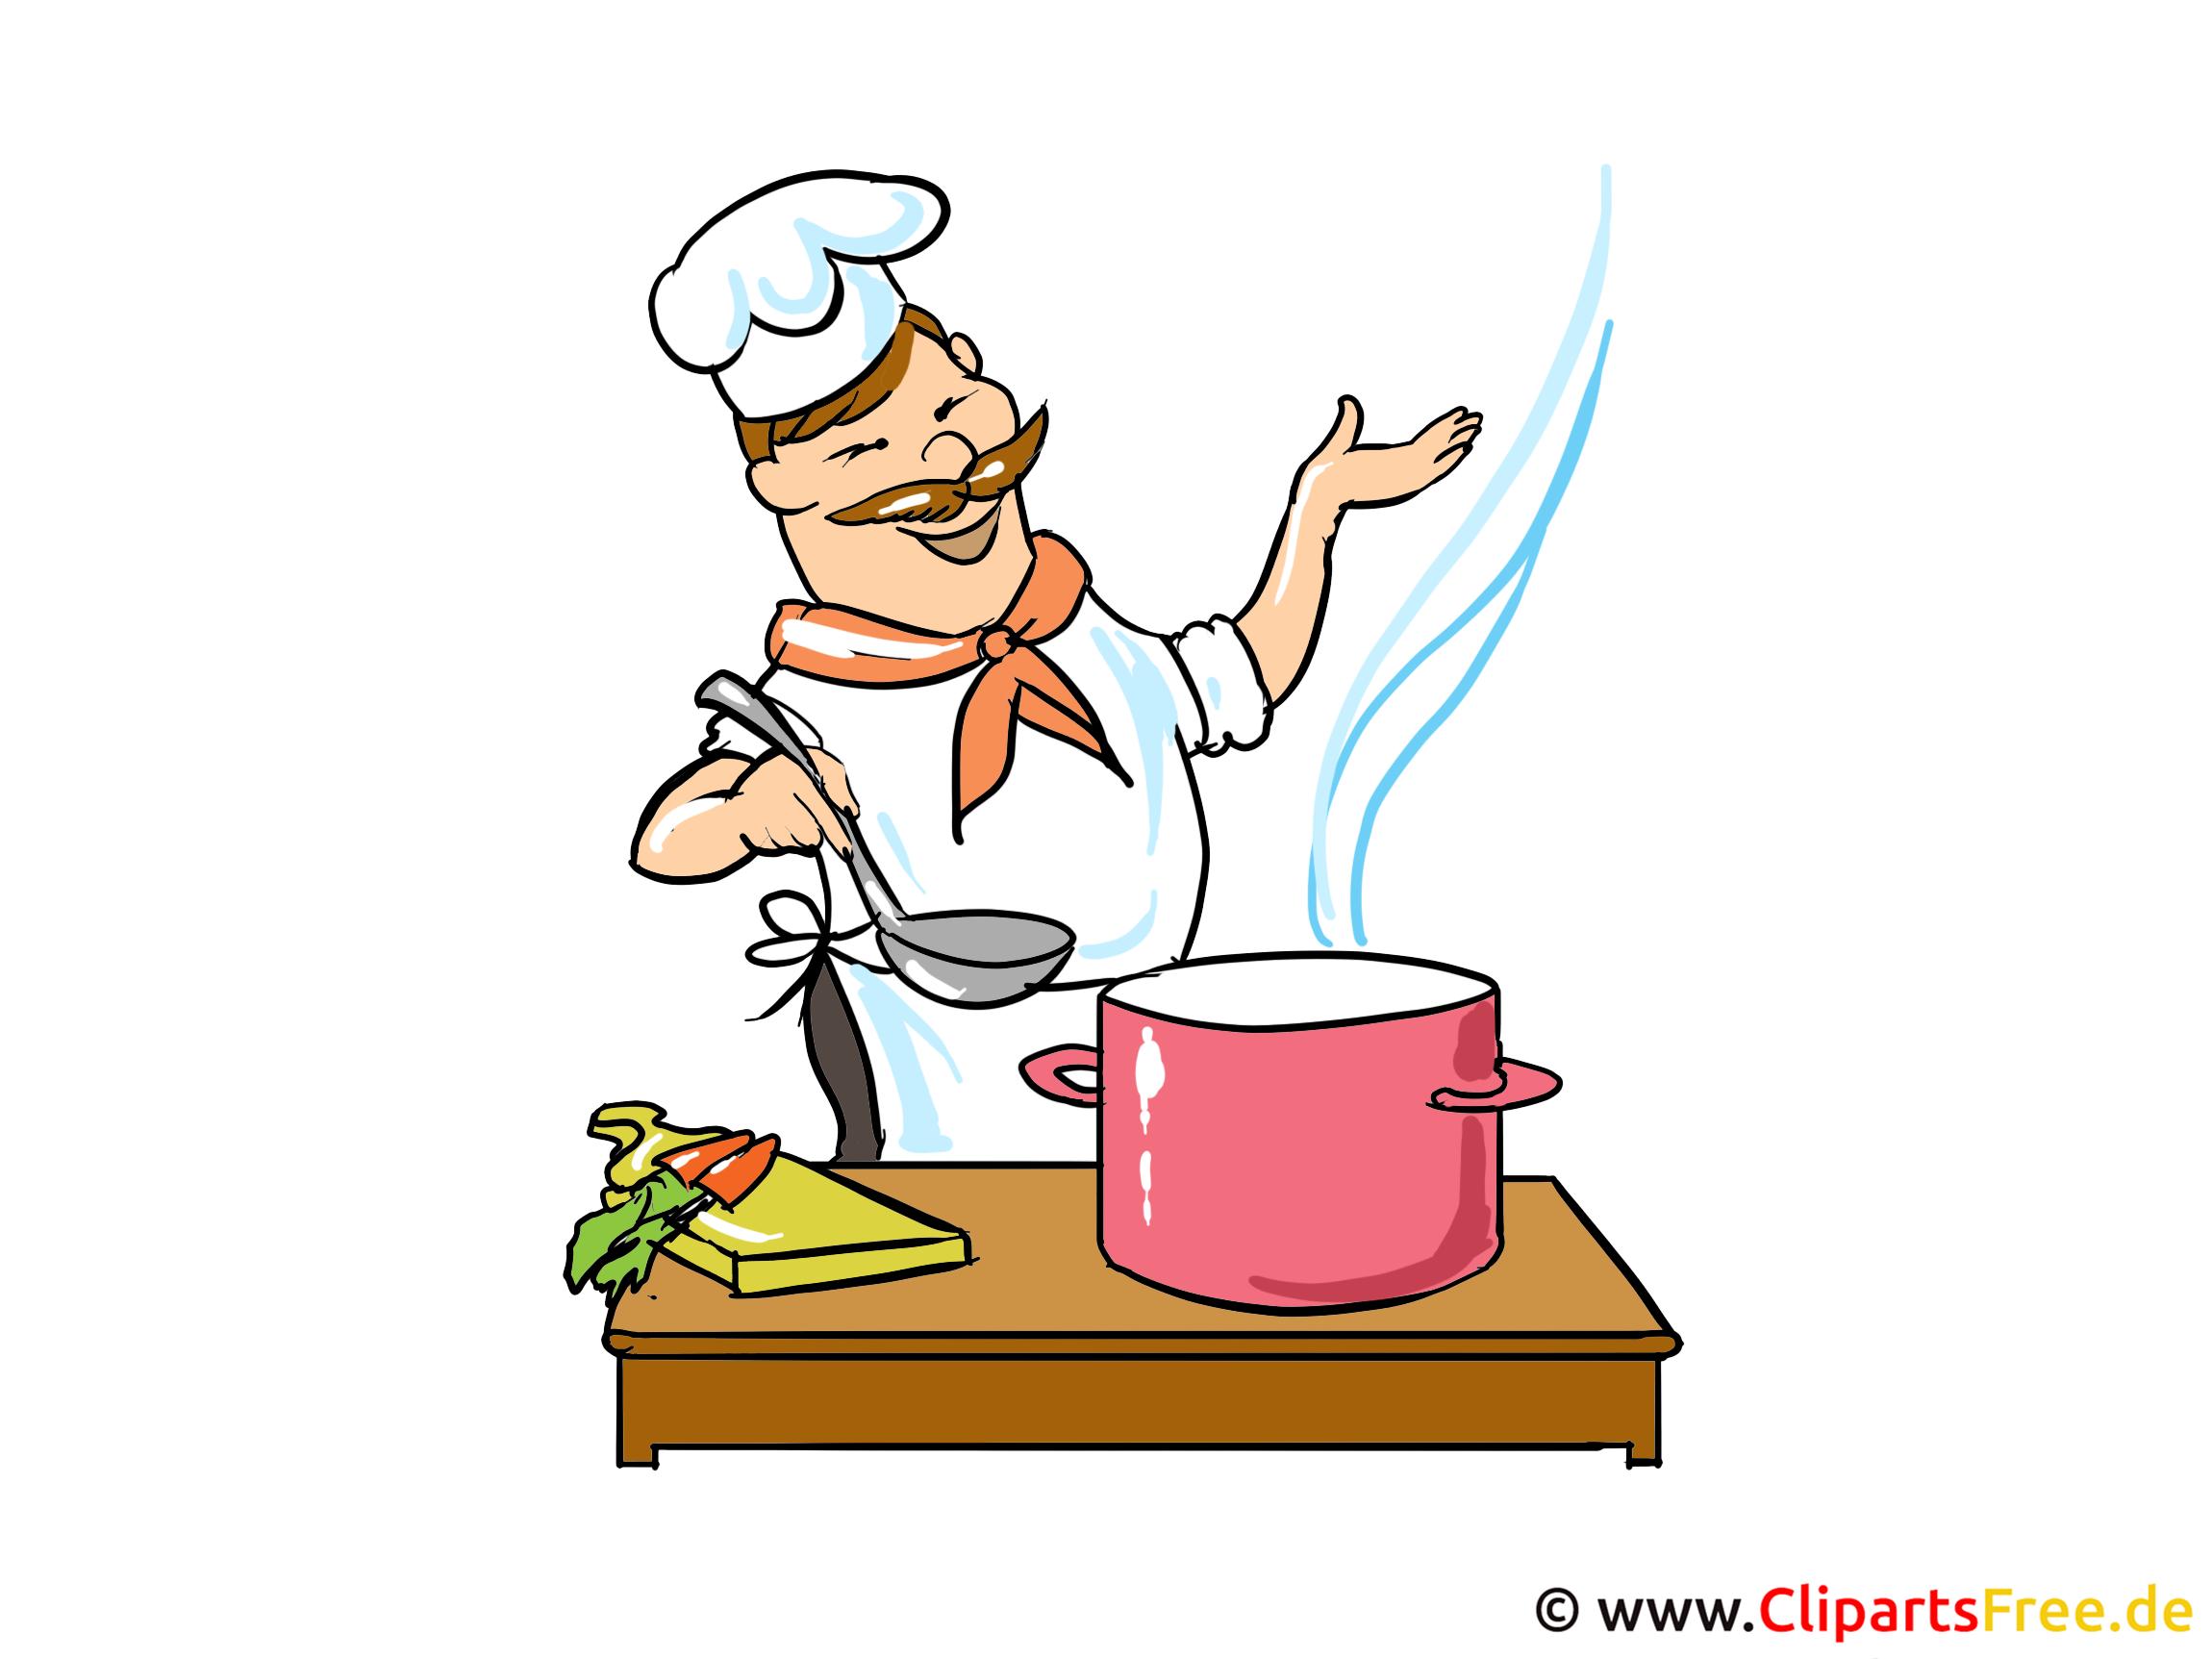 Cartoon Koch Clipart, Bild, Image